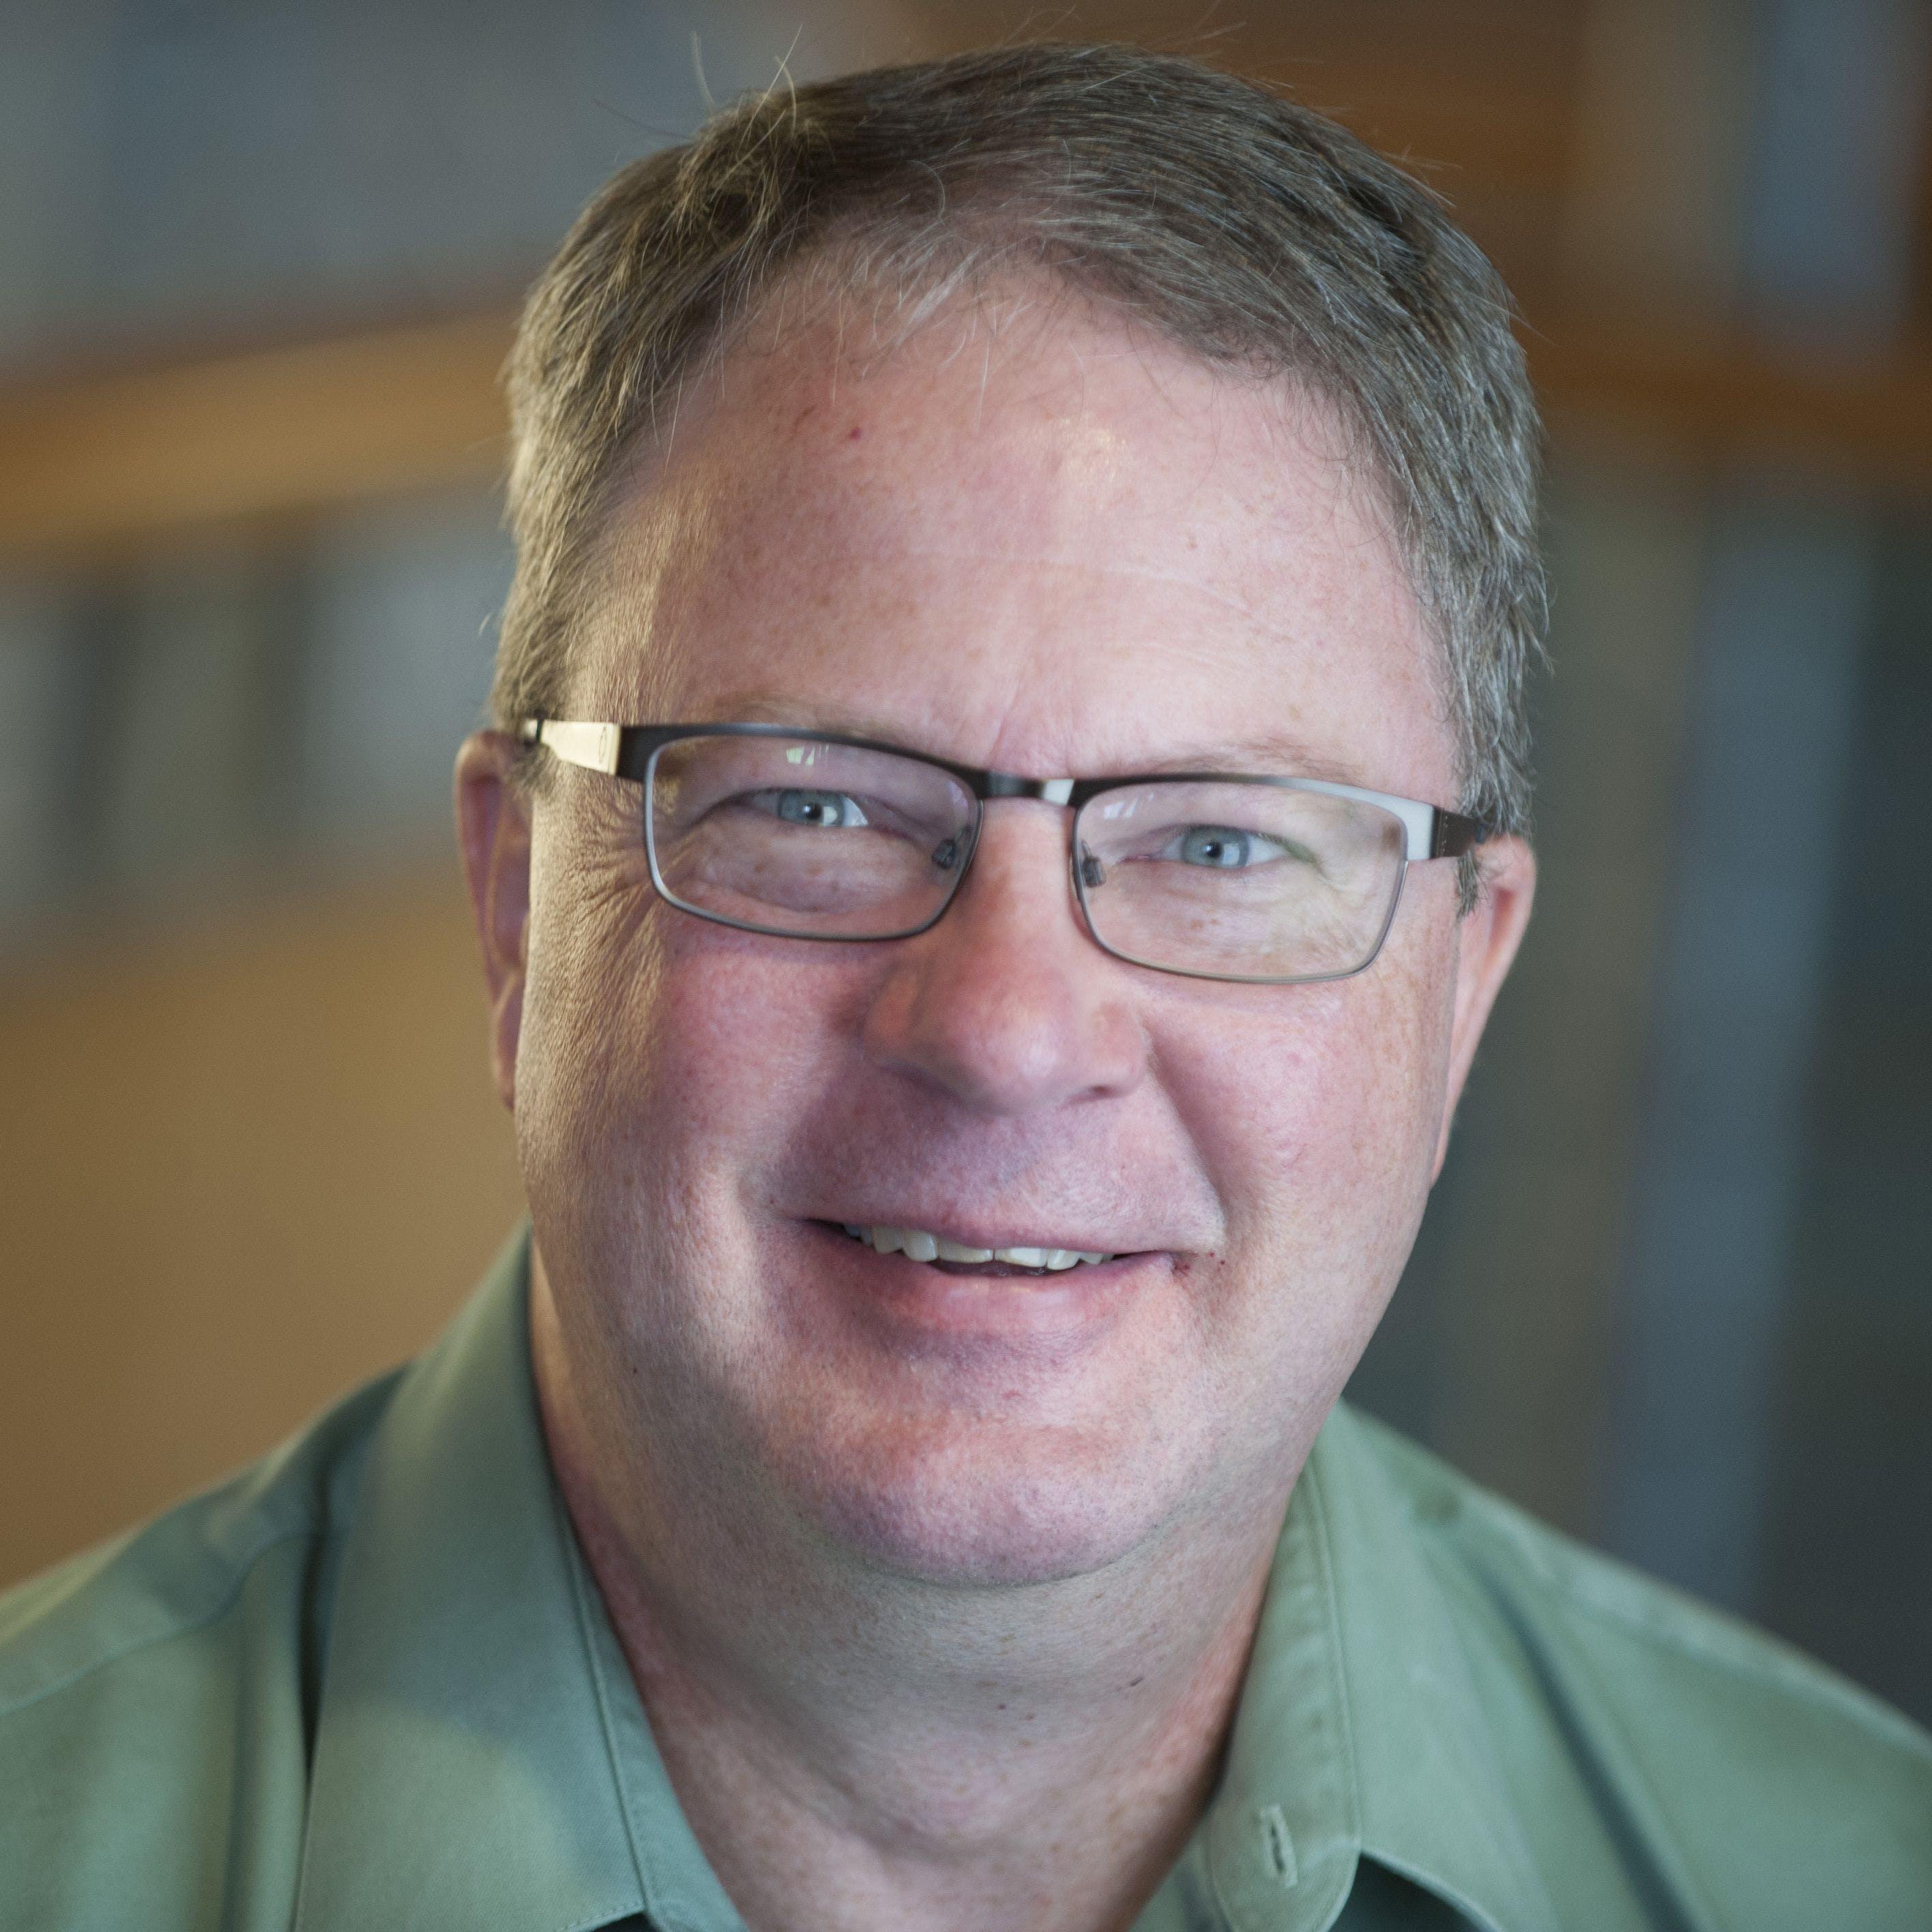 Jonathan Veenker